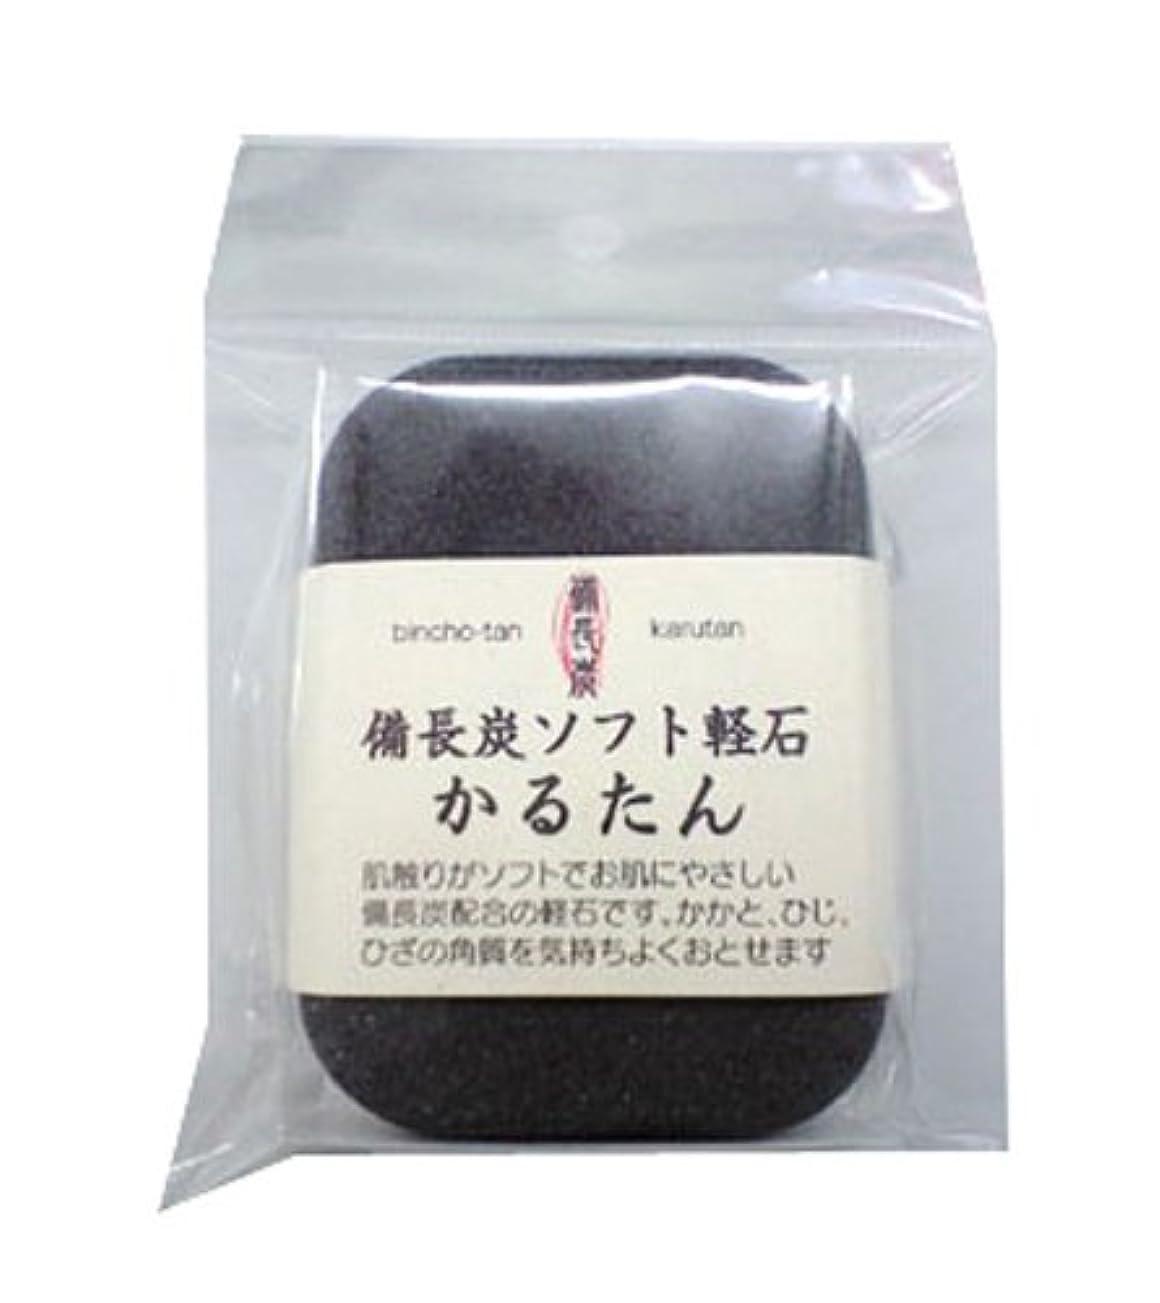 線形ケーキバッチ備長炭ソフト軽石【かるたん】?3個セット?